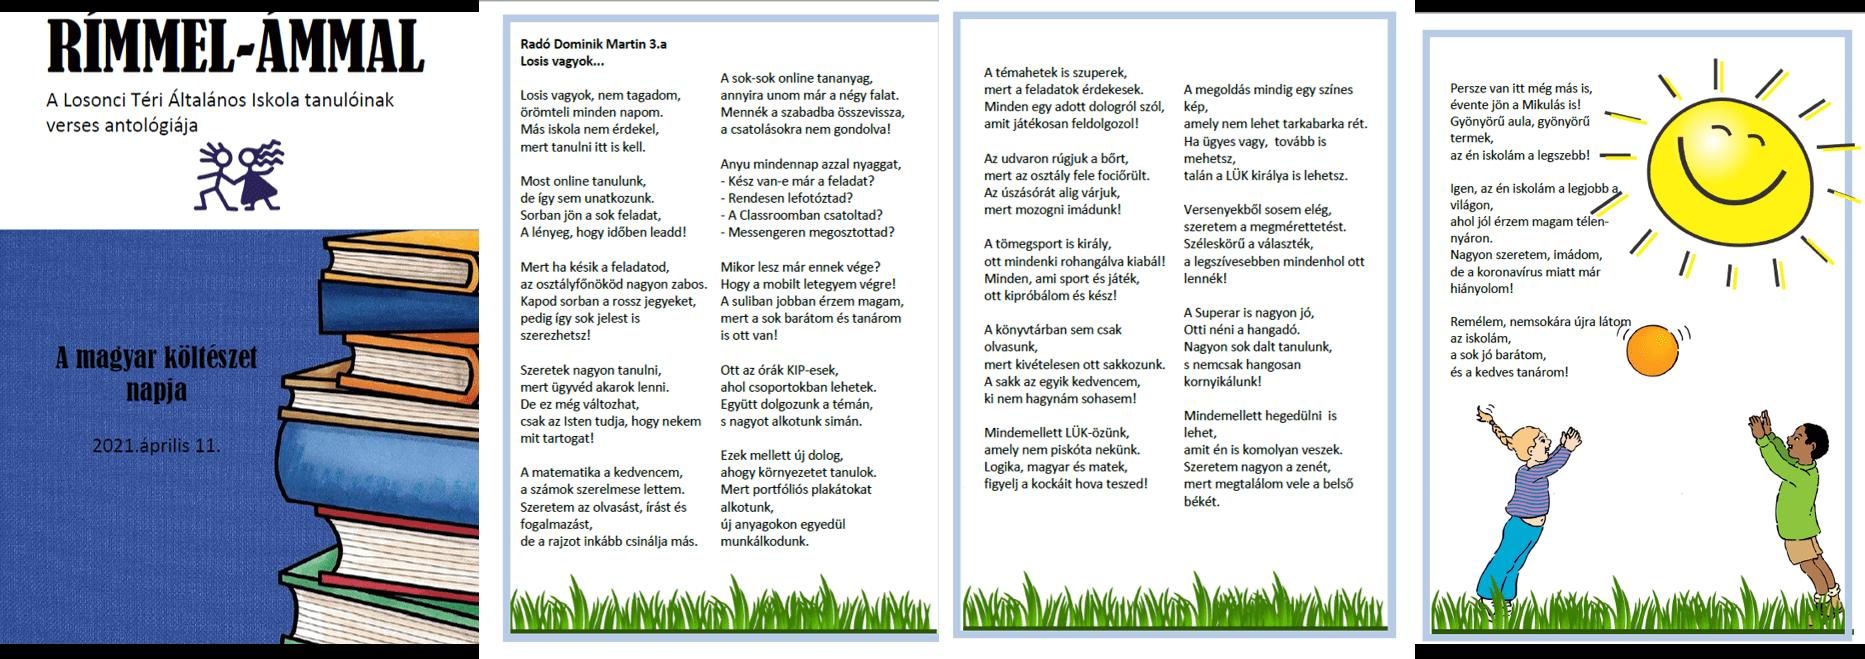 Radó Dominik verse(3.a) (1)